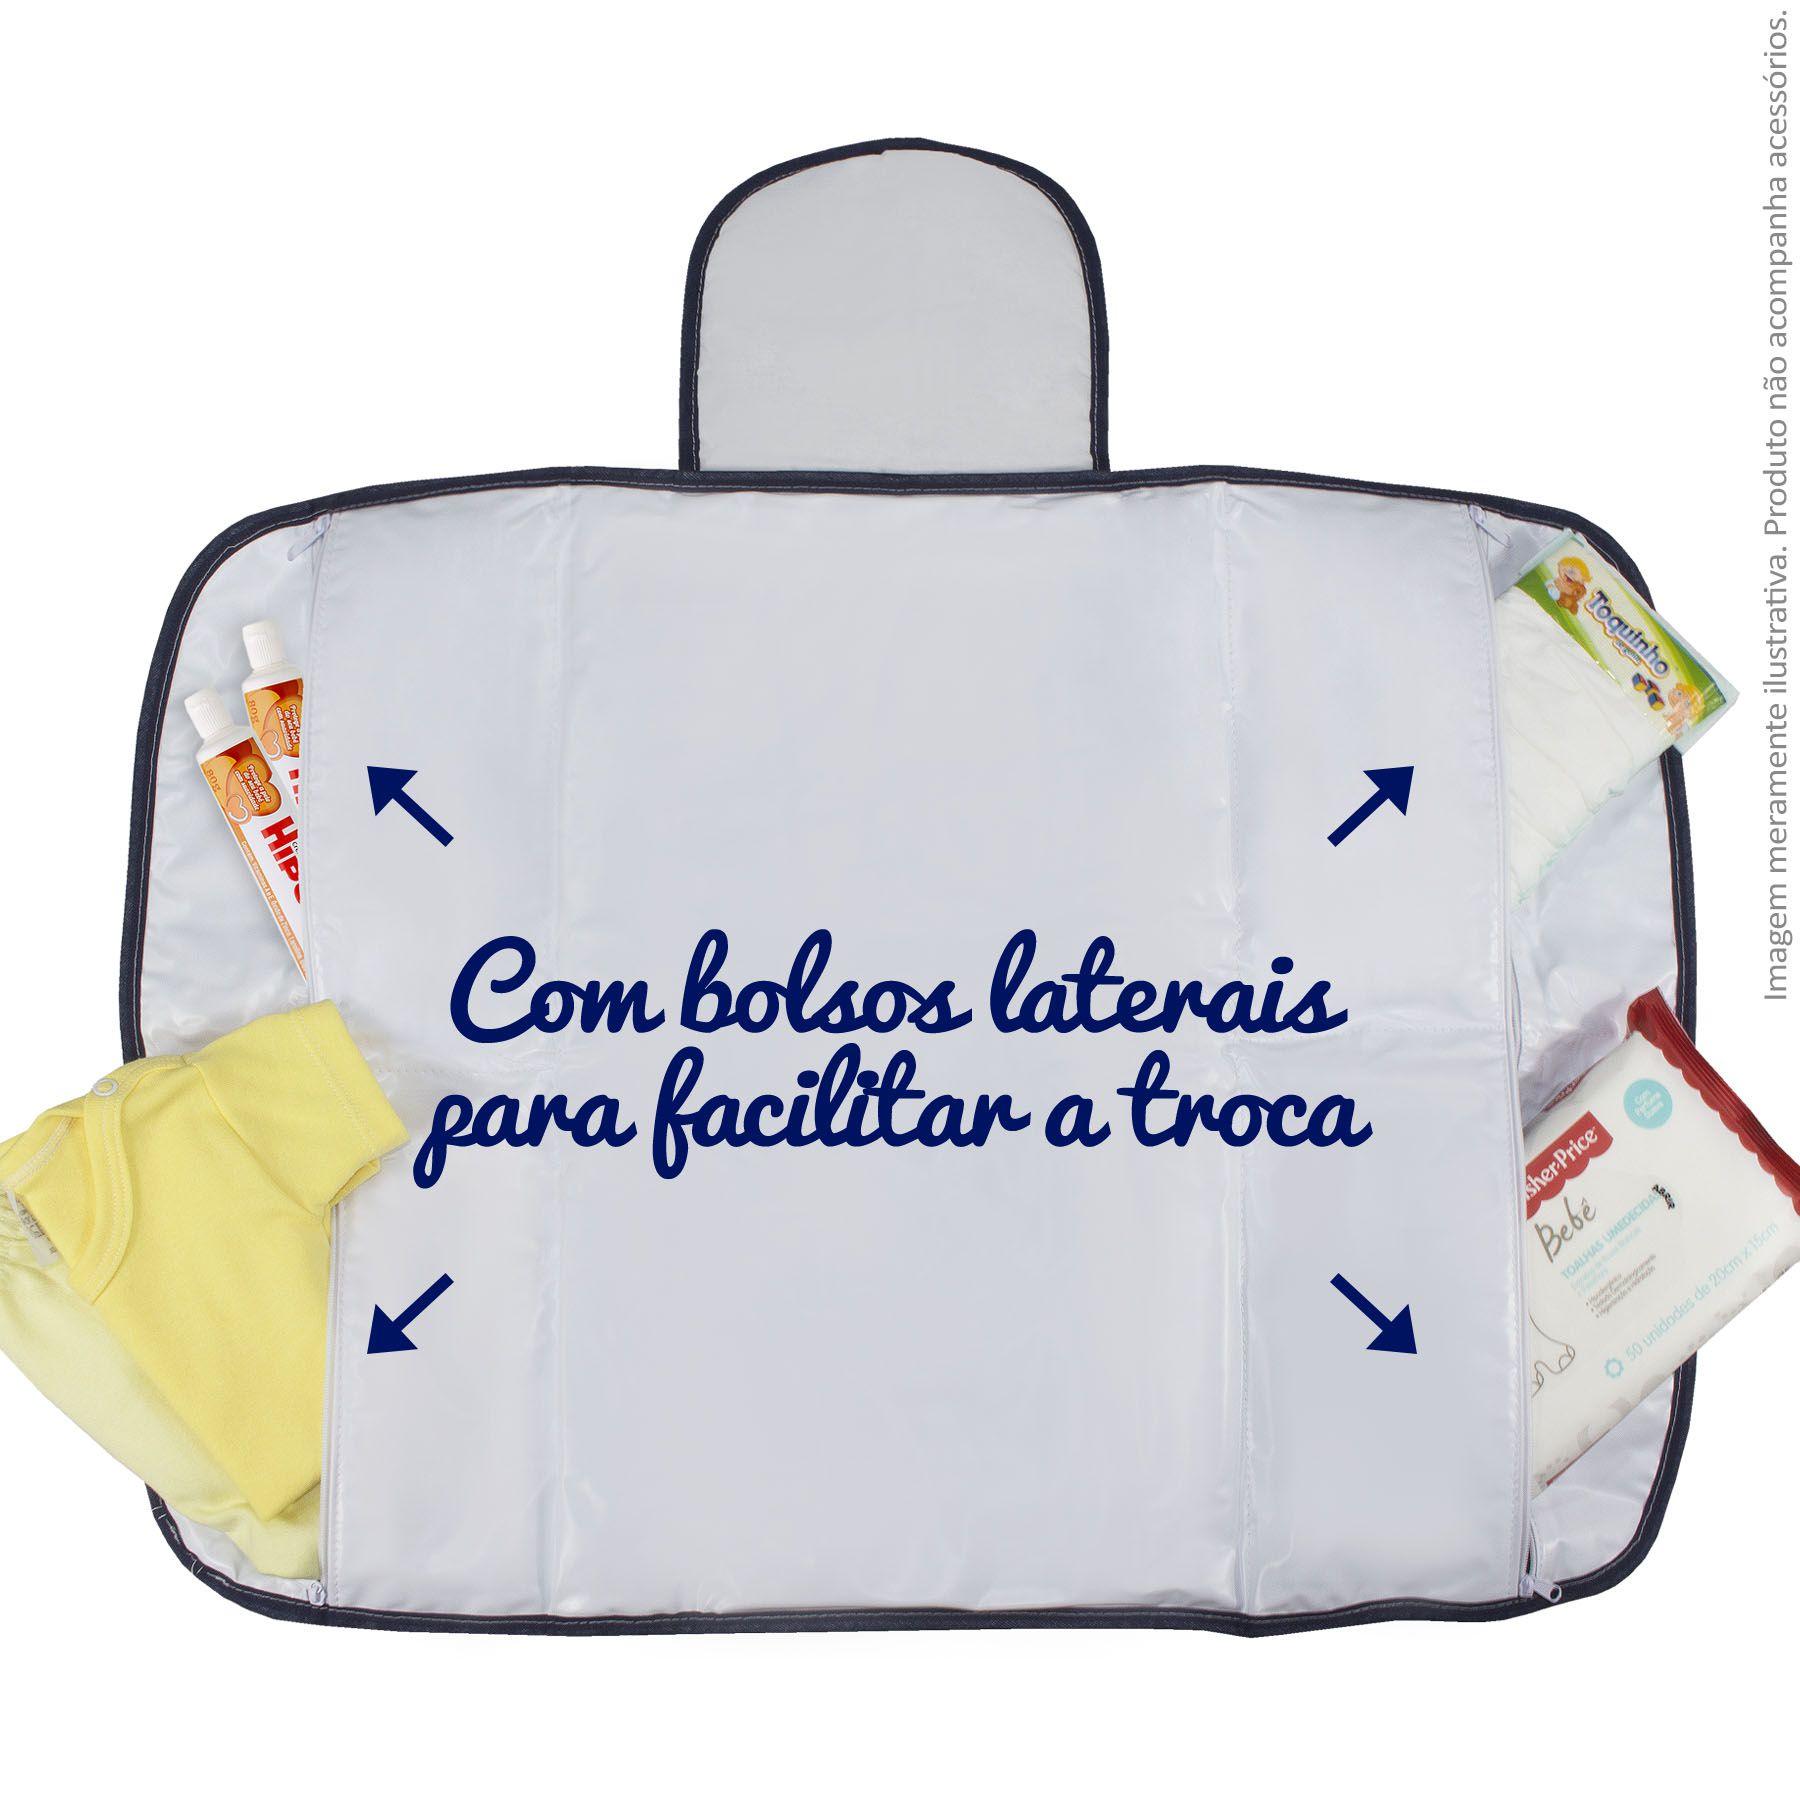 Trocador Portátil c/ Bolsos - Náutico Poá